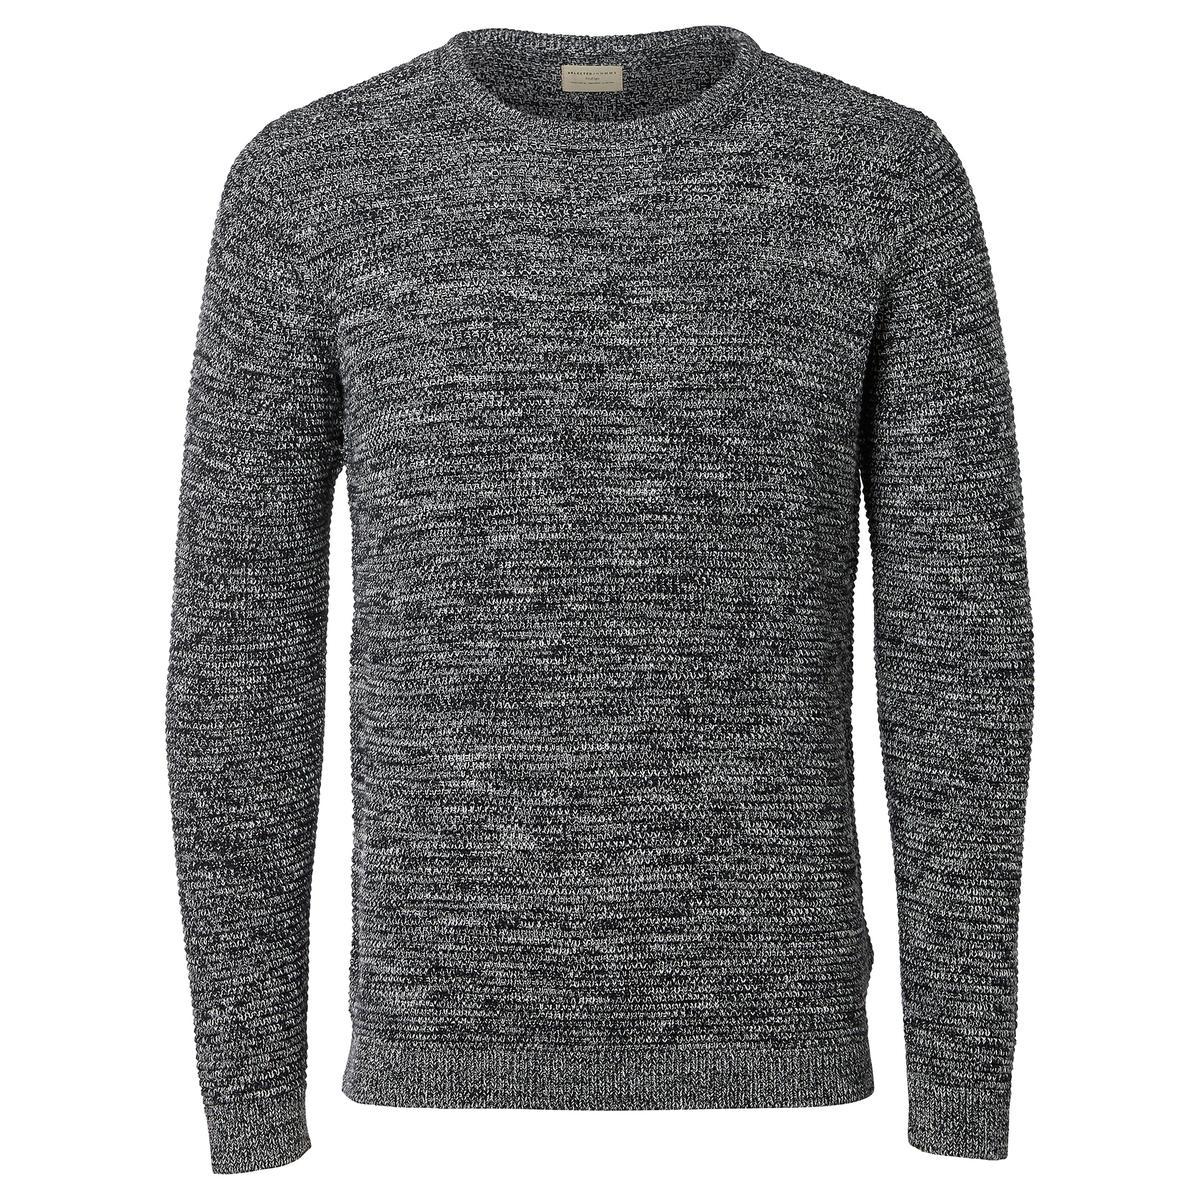 Пуловер крупной вязкиОписание:Детали  •  Длинные рукава  •  Круглый вырез •  Плотный трикотаж Состав и уход  •  100% хлопок  •  Следуйте советам по уходу, указанным на этикетке<br><br>Цвет: черный<br>Размер: XL